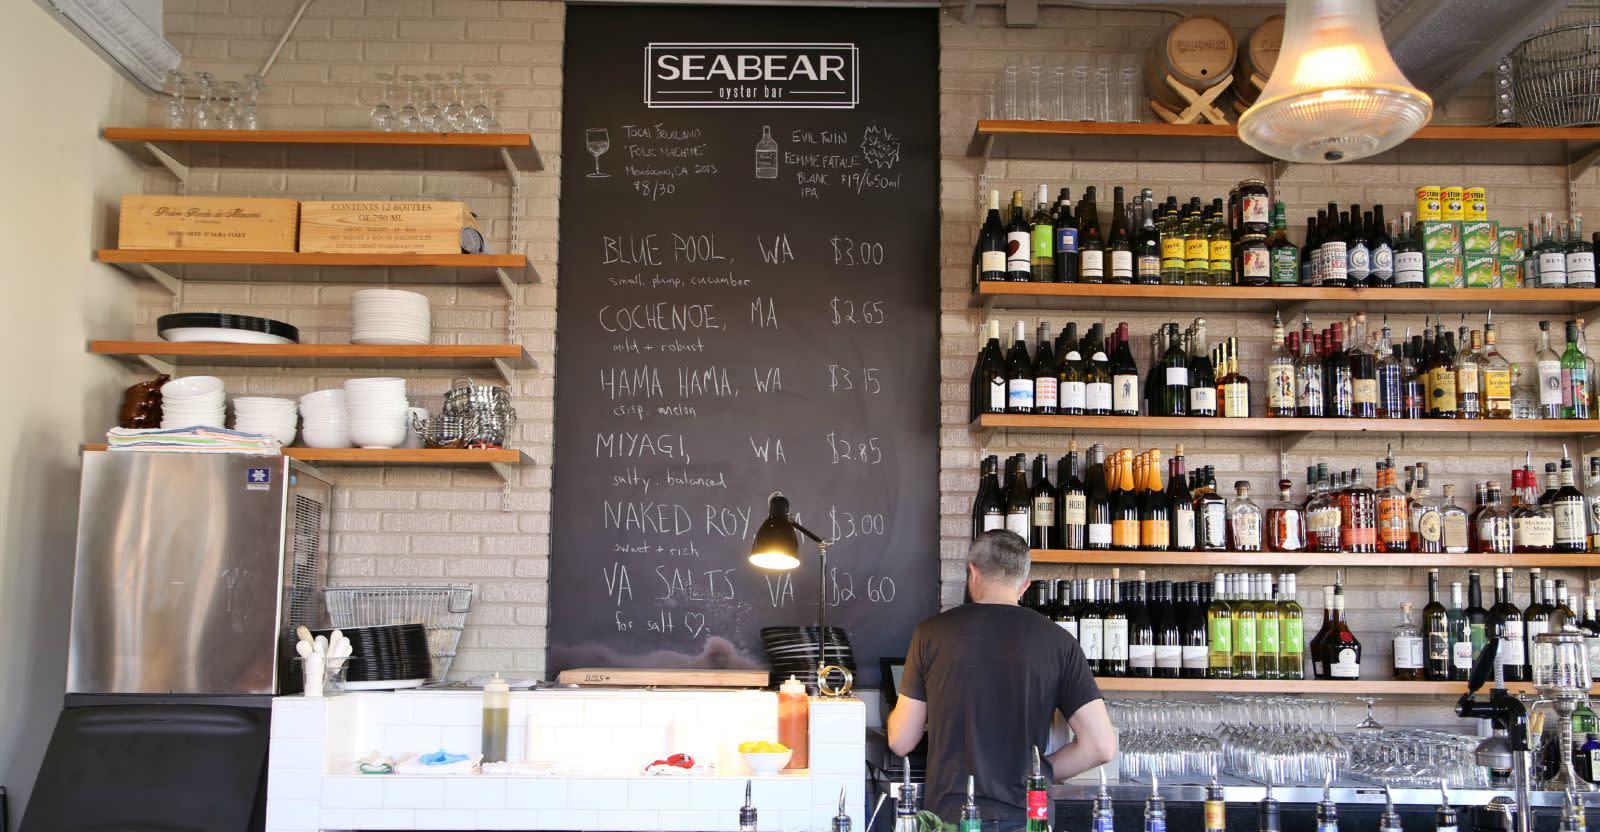 Seabear